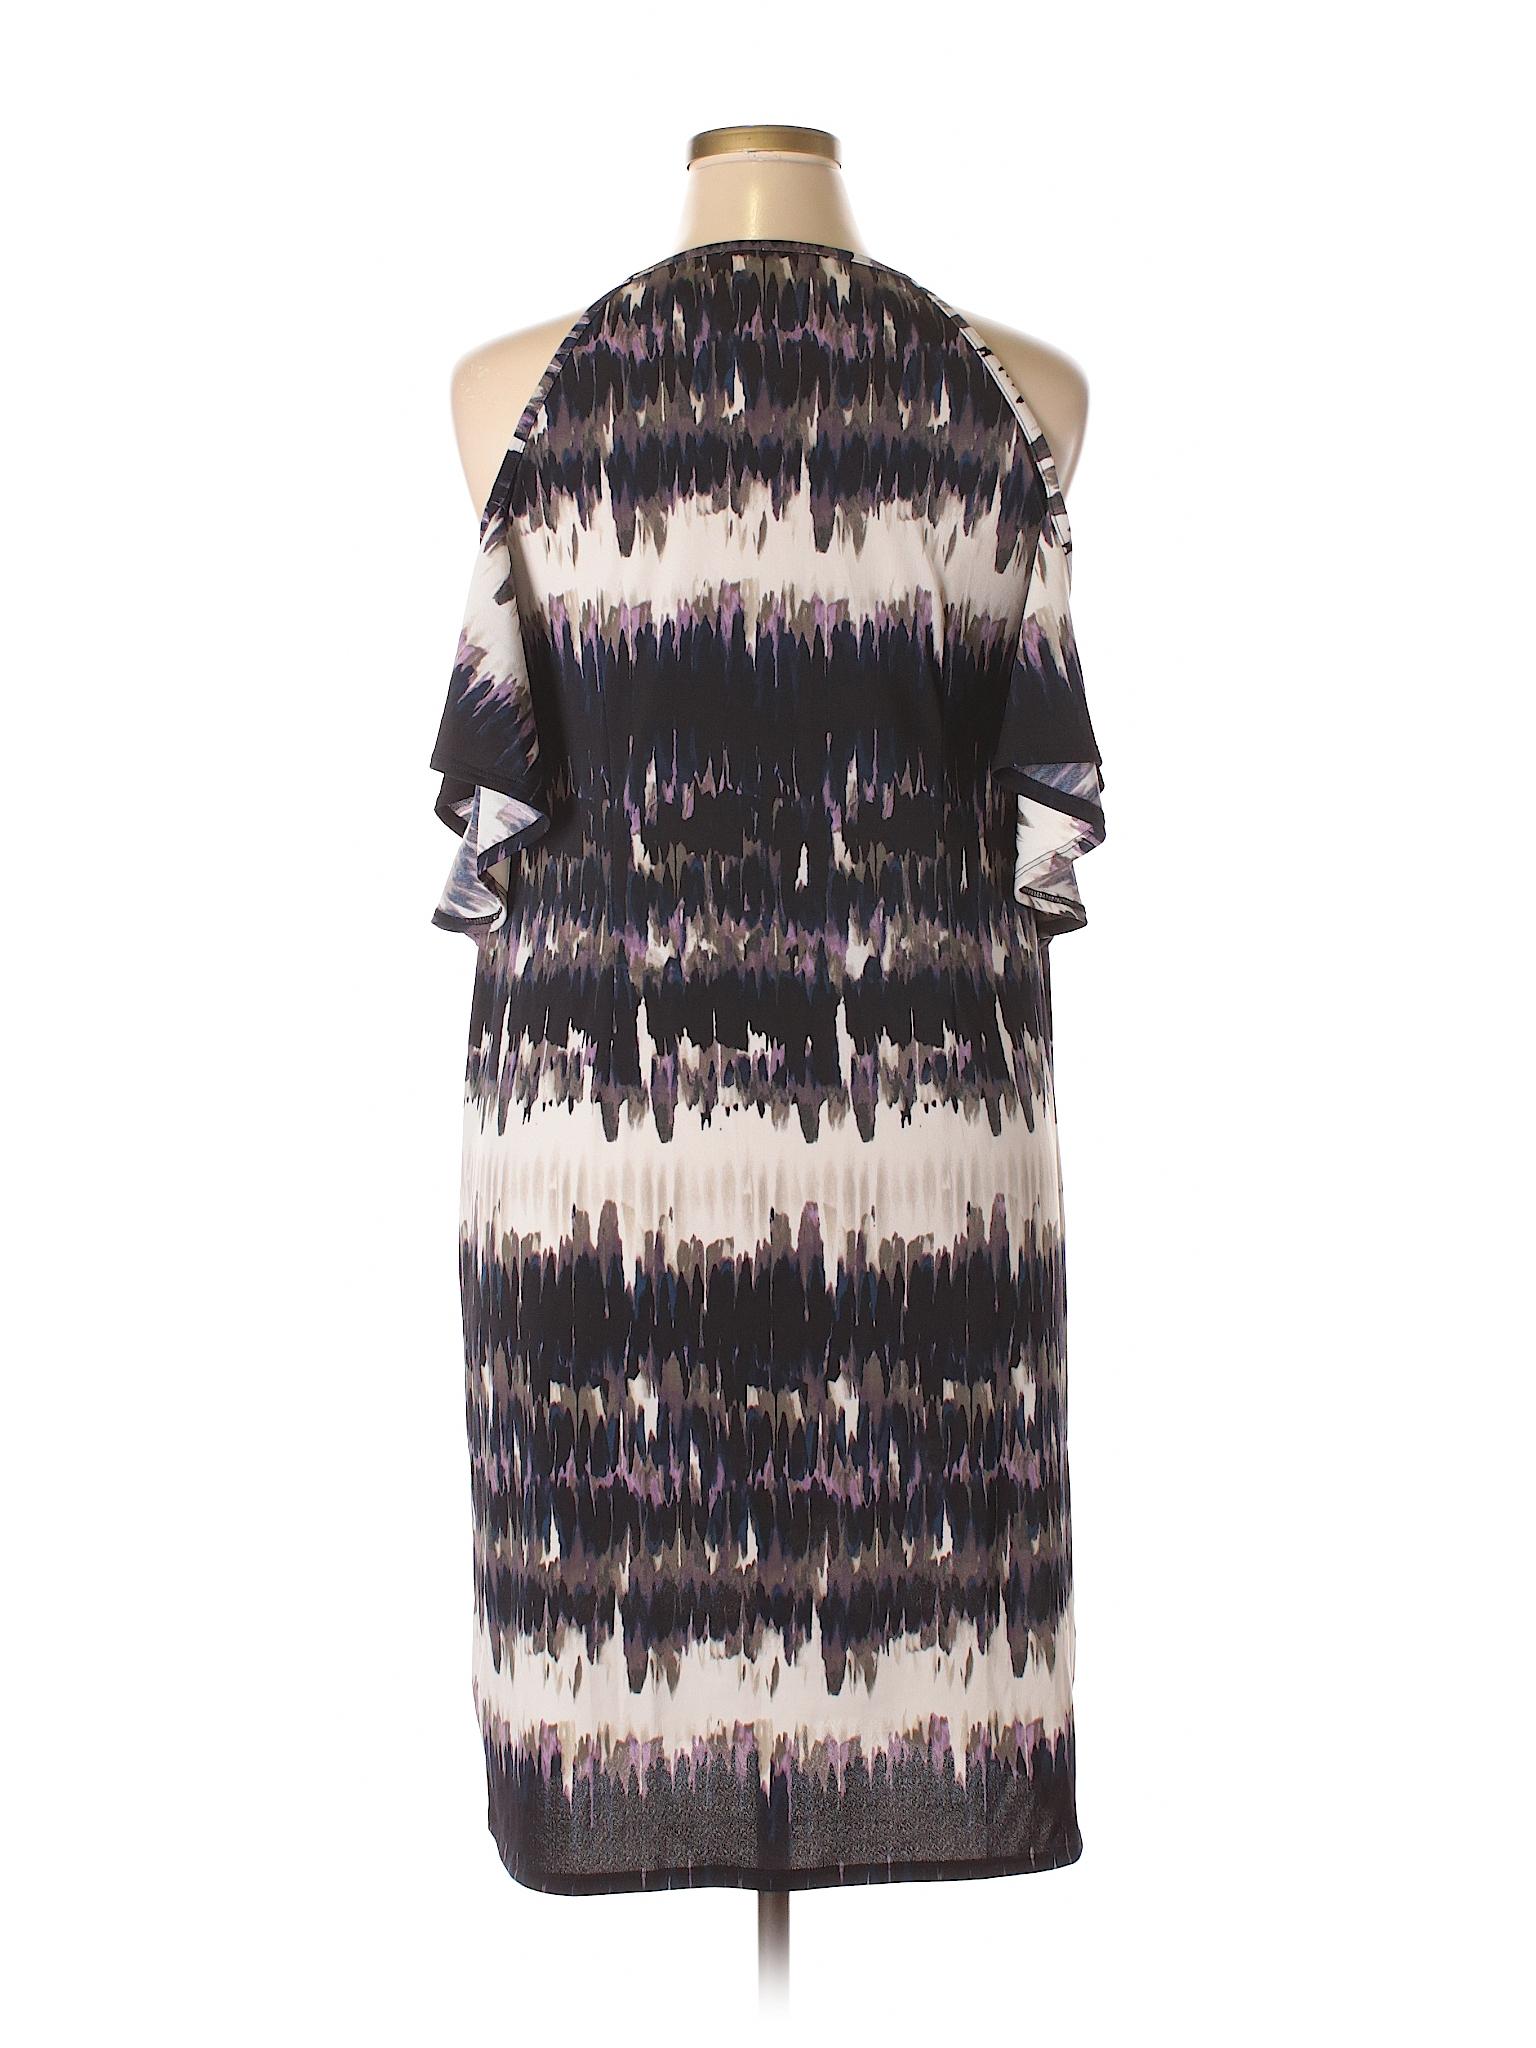 Casual Cato Boutique Boutique Cato Dress winter Casual winter 8SqqTnYOf